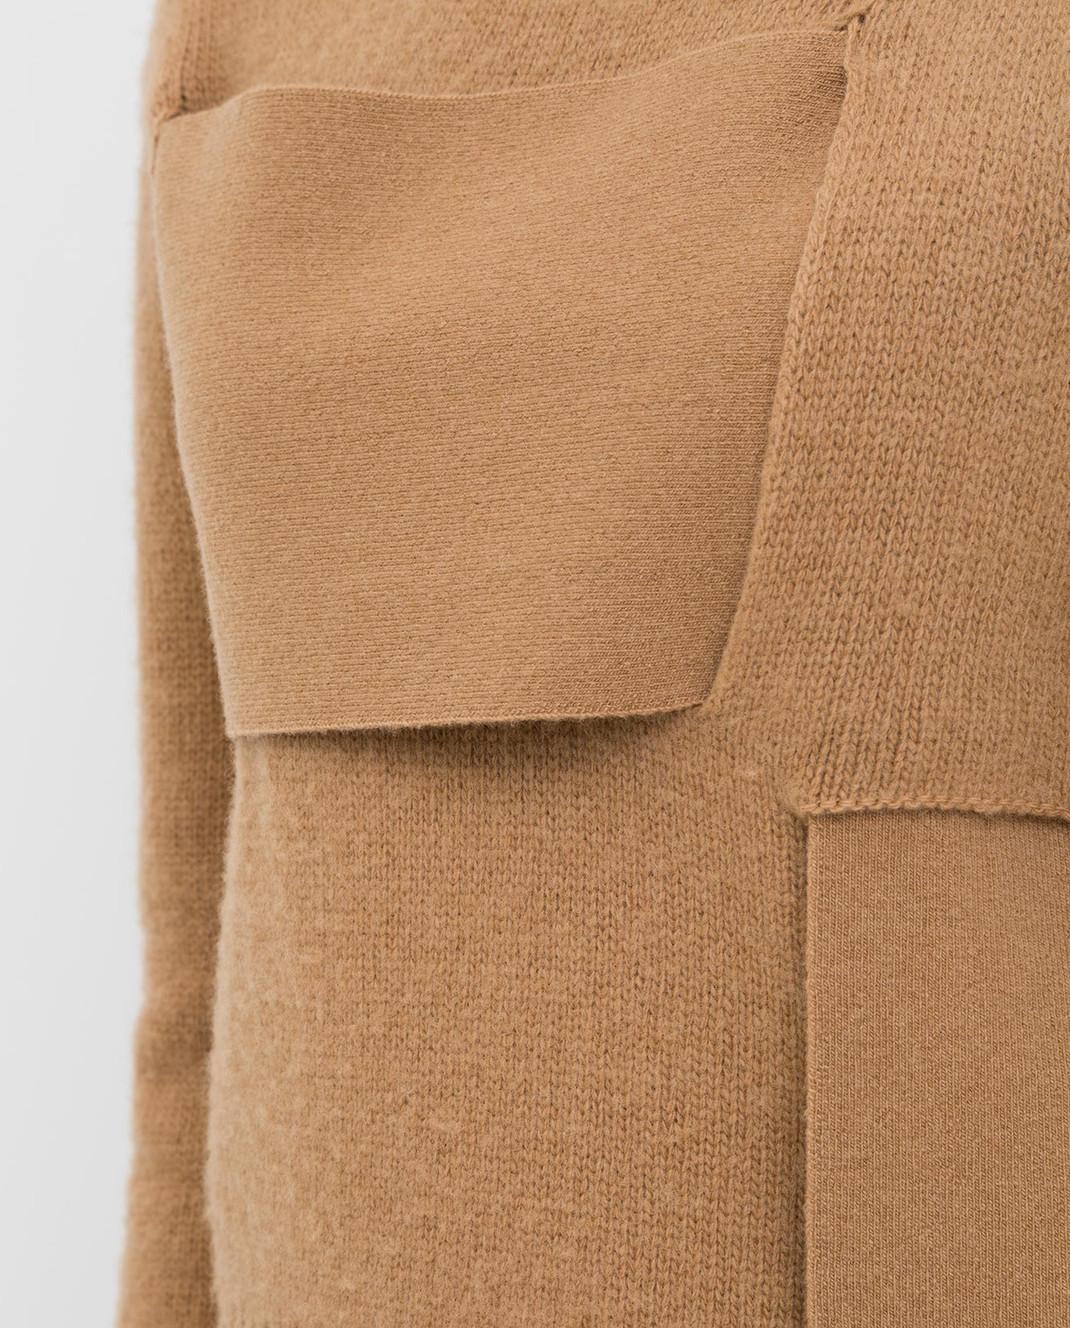 Bottega Veneta Бежевый свитер из шерсти изображение 5